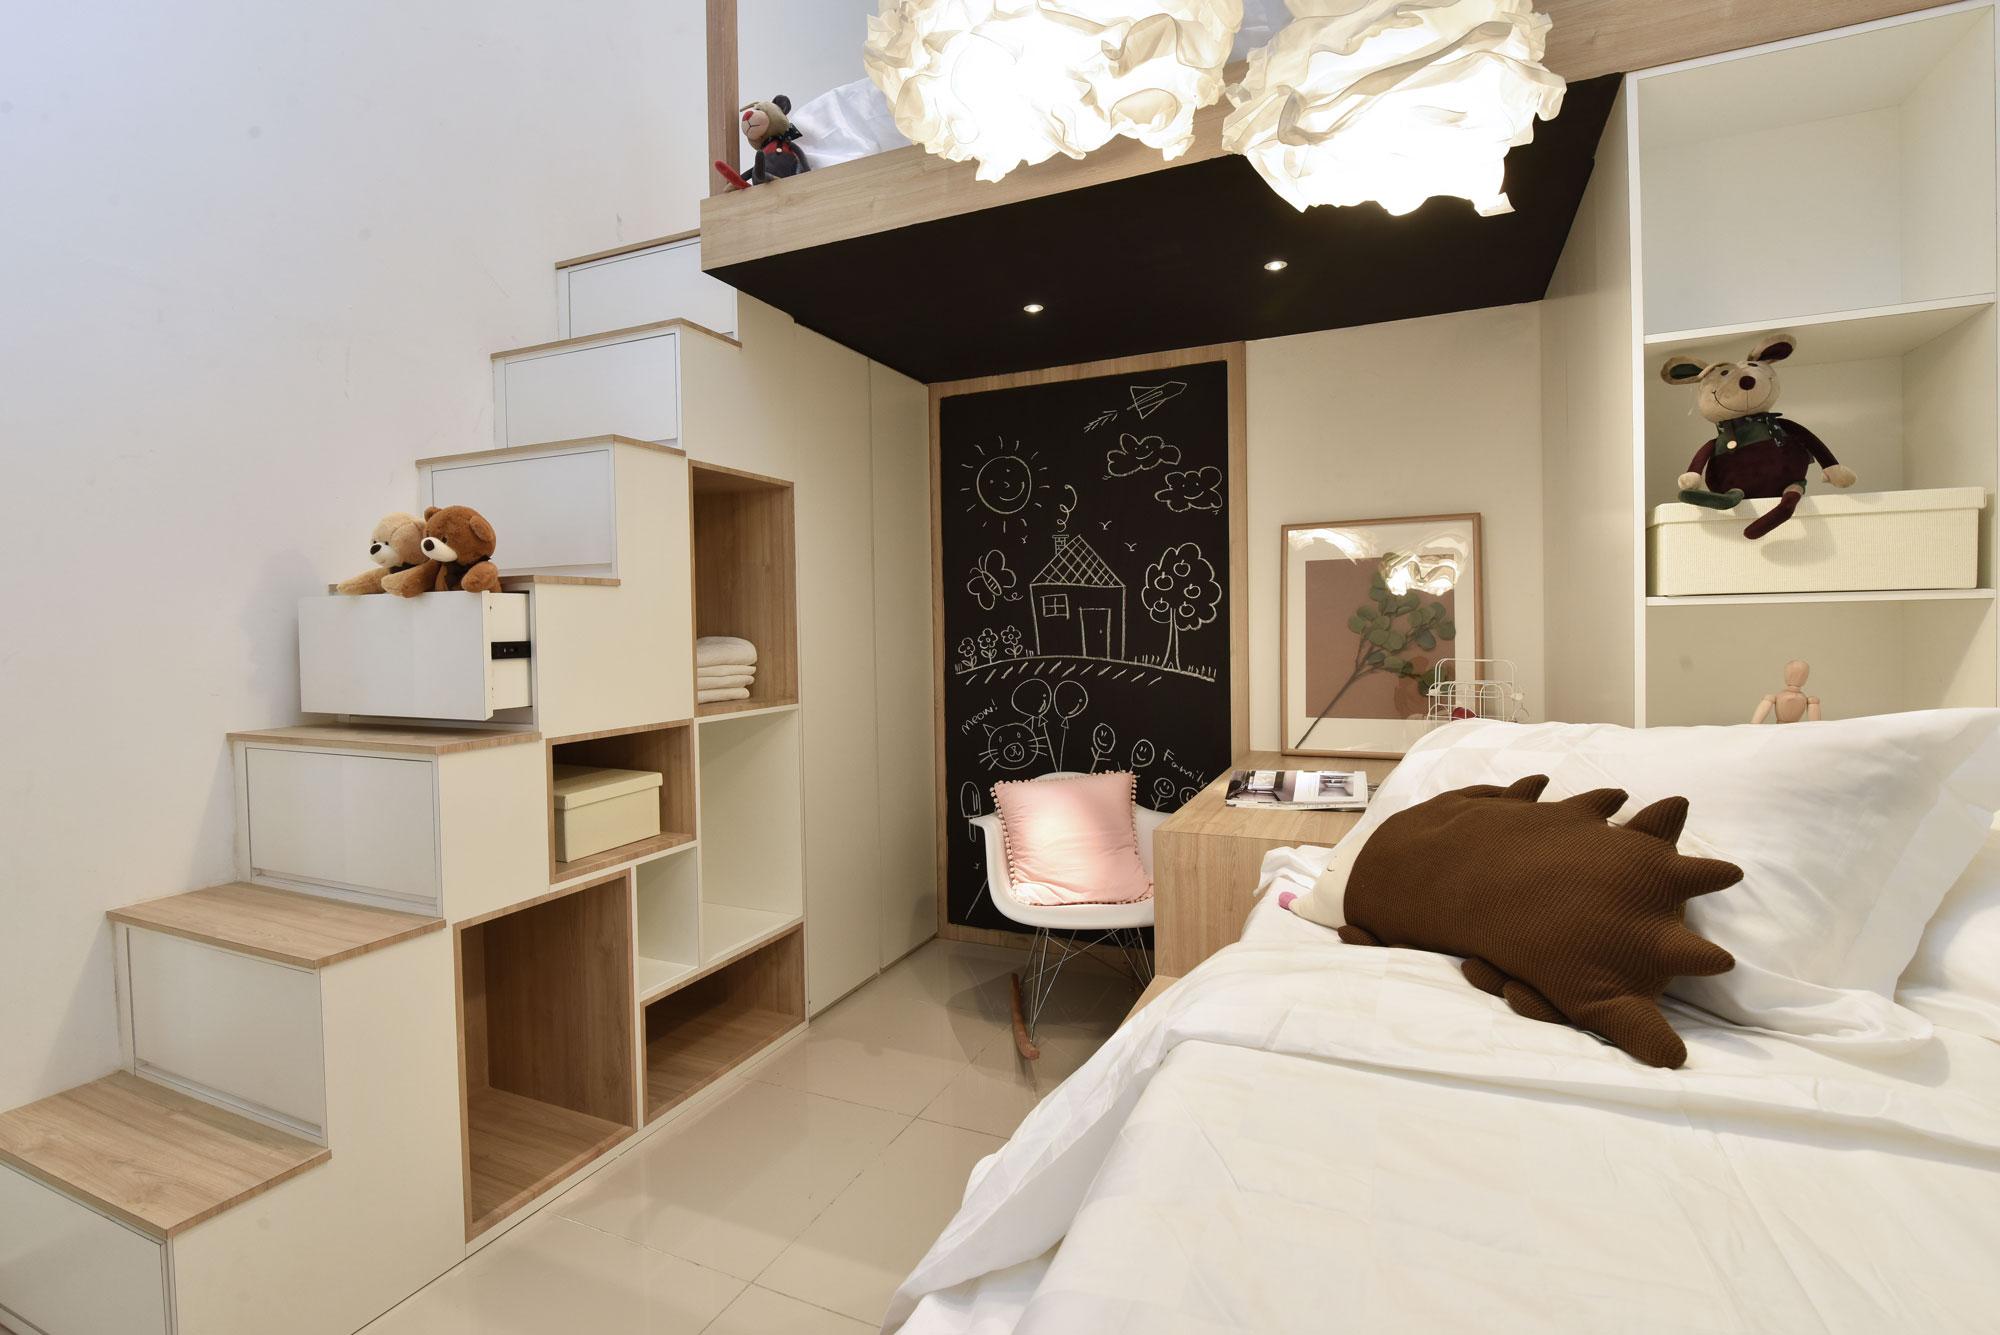 18-Bedroom-2-Kids-room.jpg